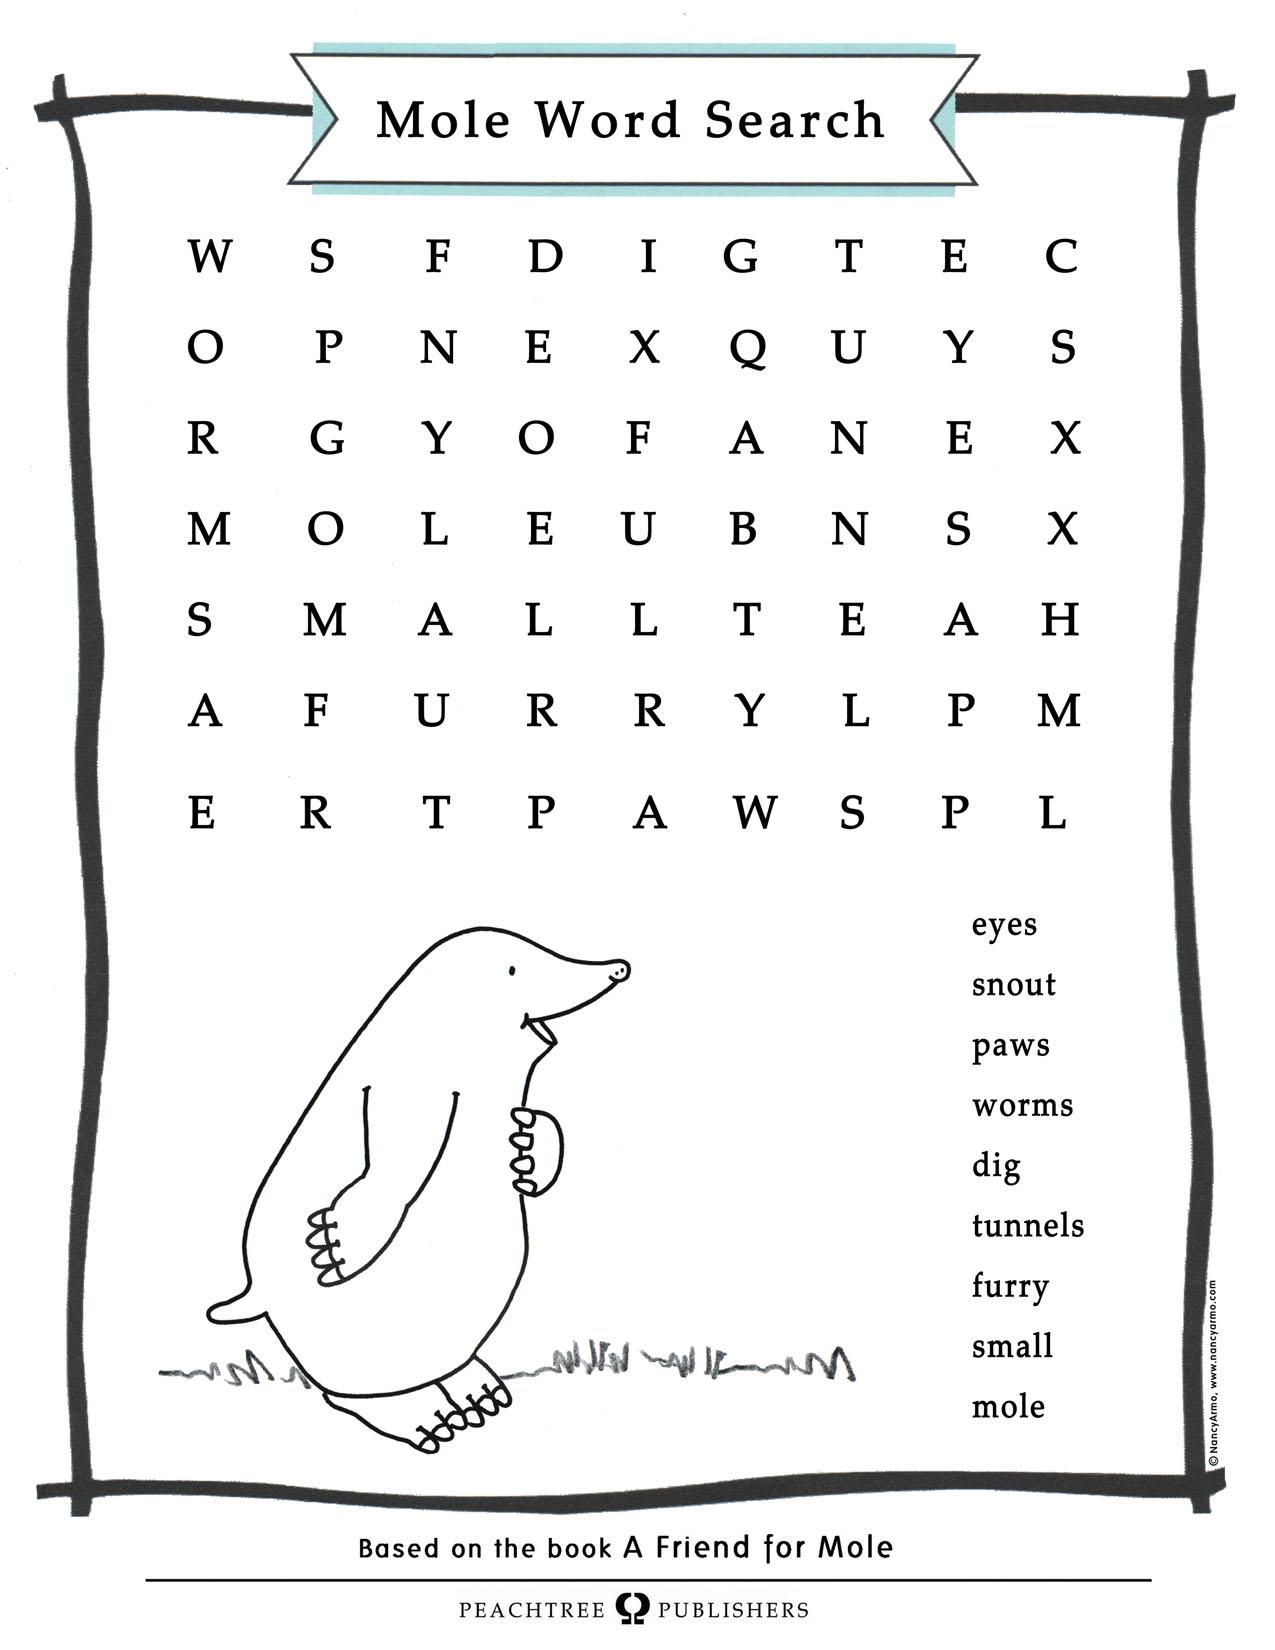 Mole Word Search